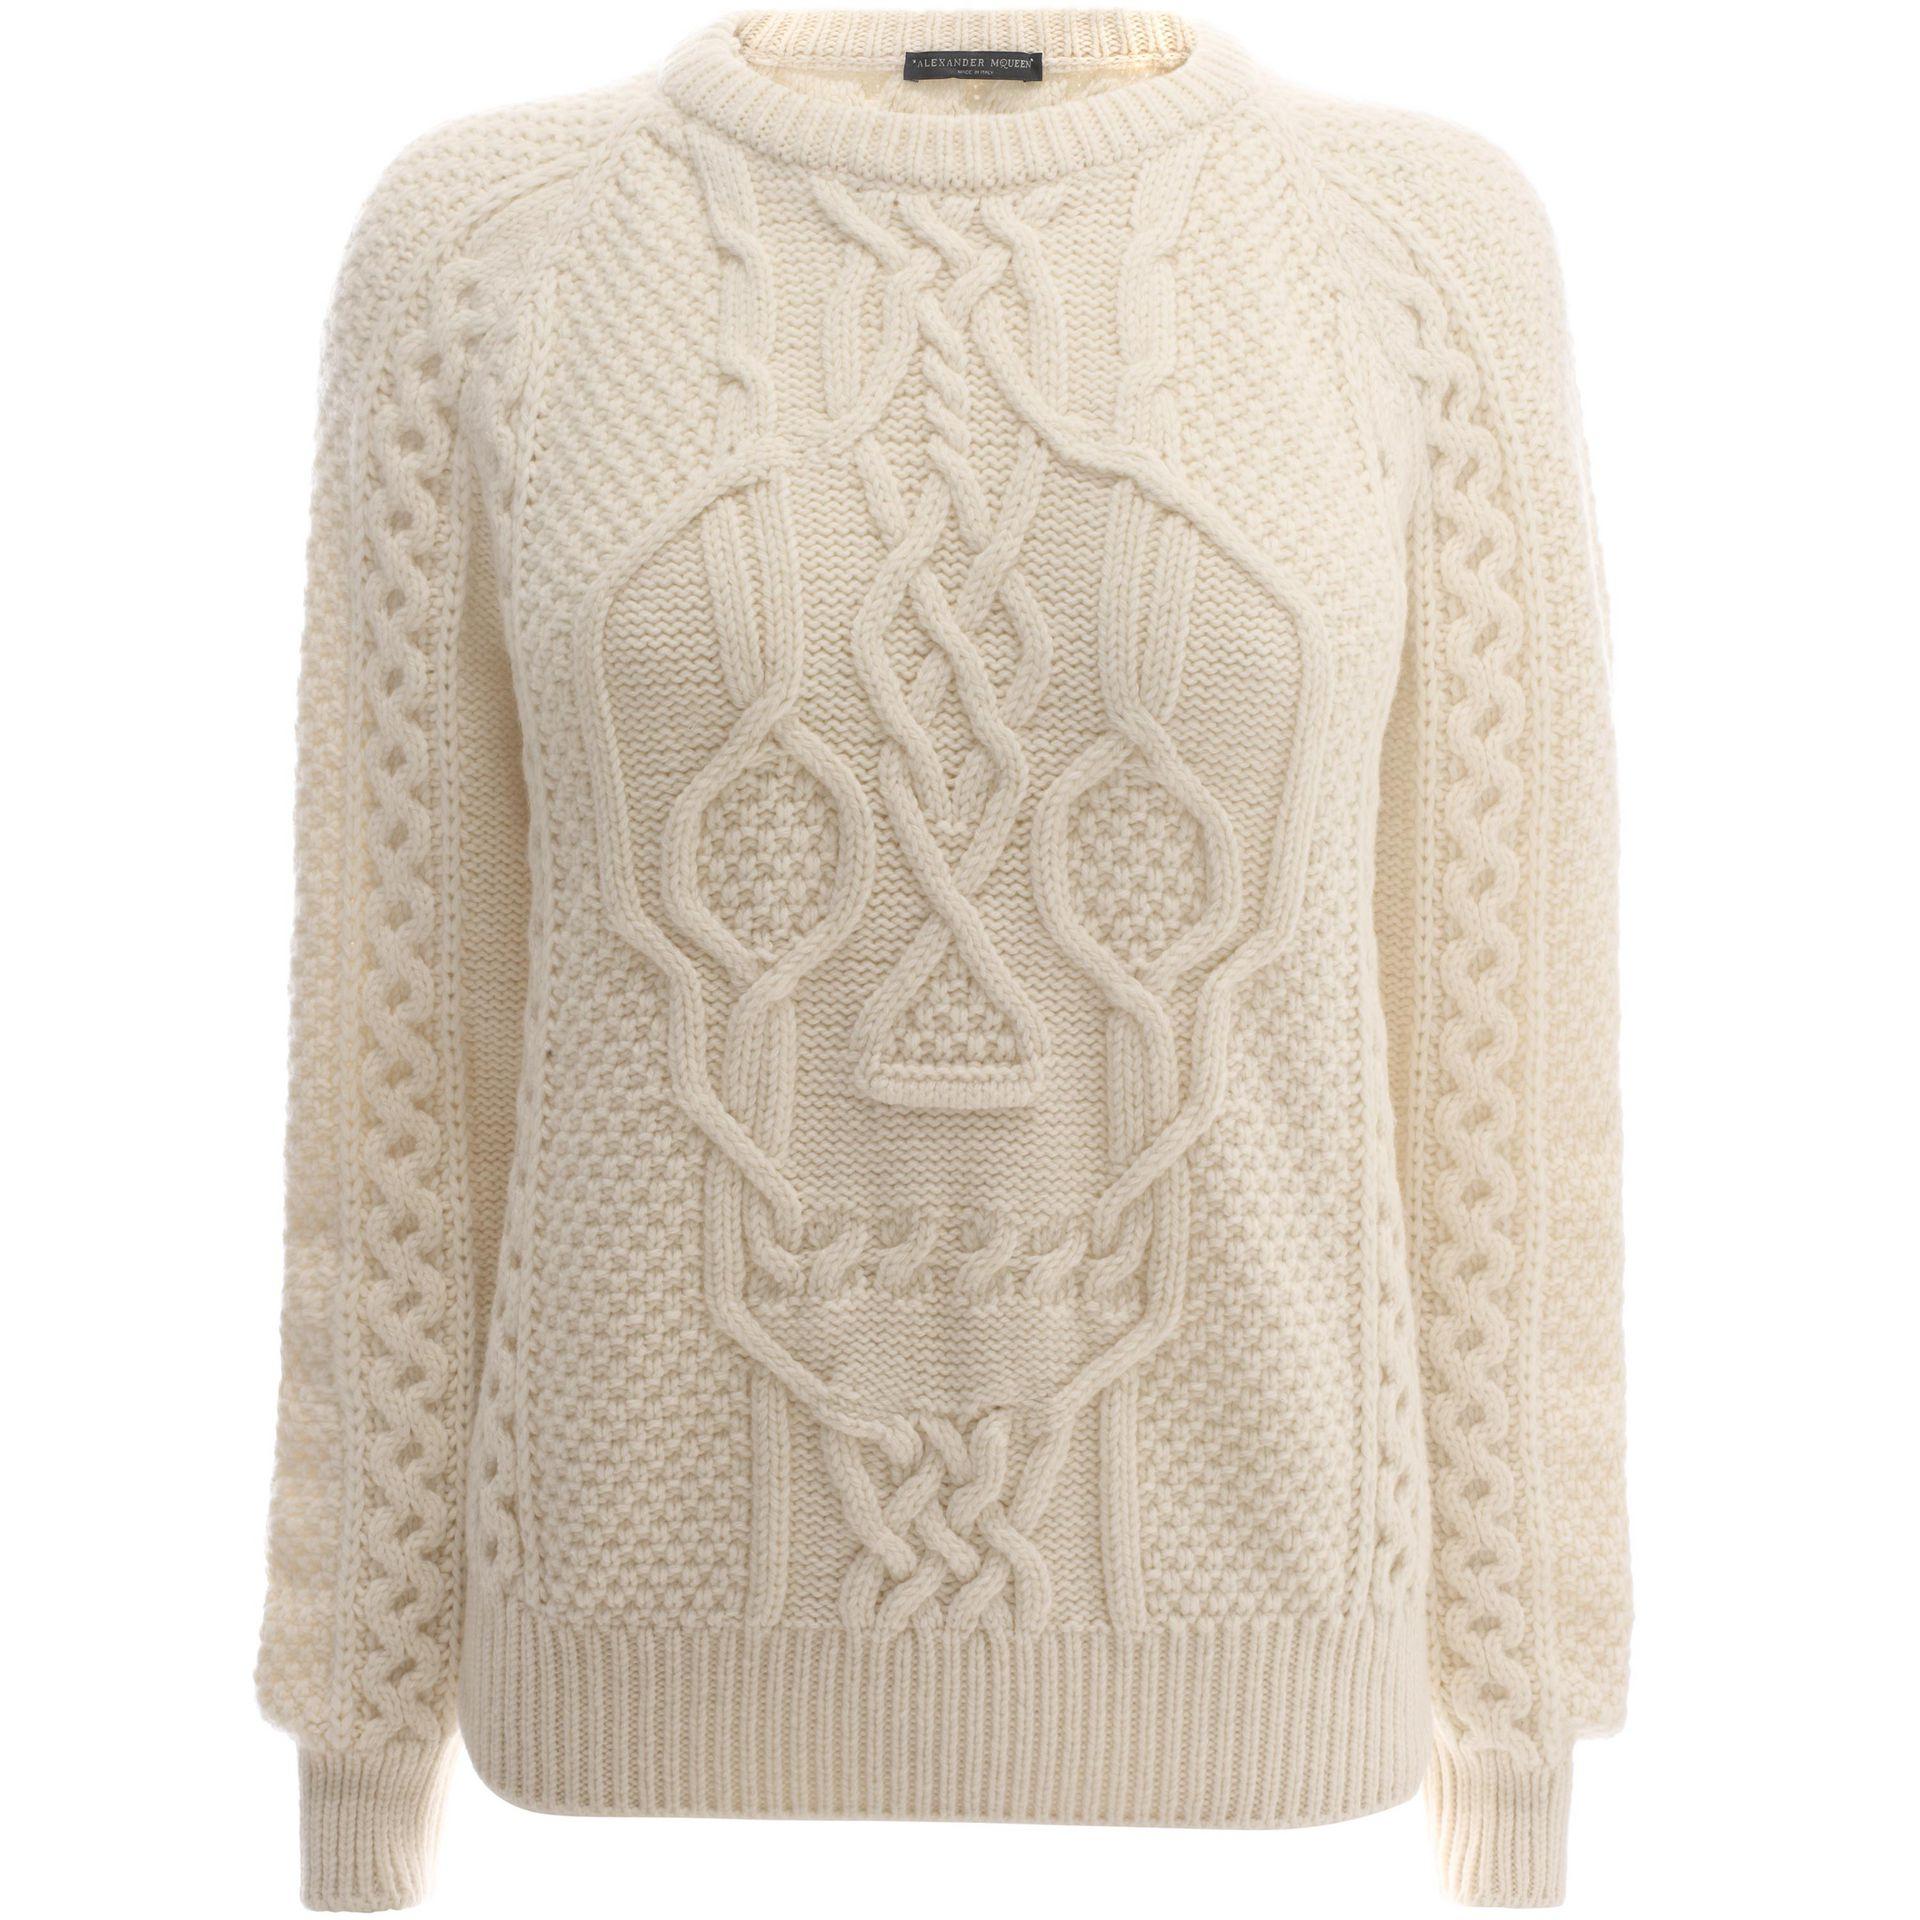 adcaa4f83ce Women Knitwear - Women Tops   knitwear on ALEXANDER MCQUEEN Online Store